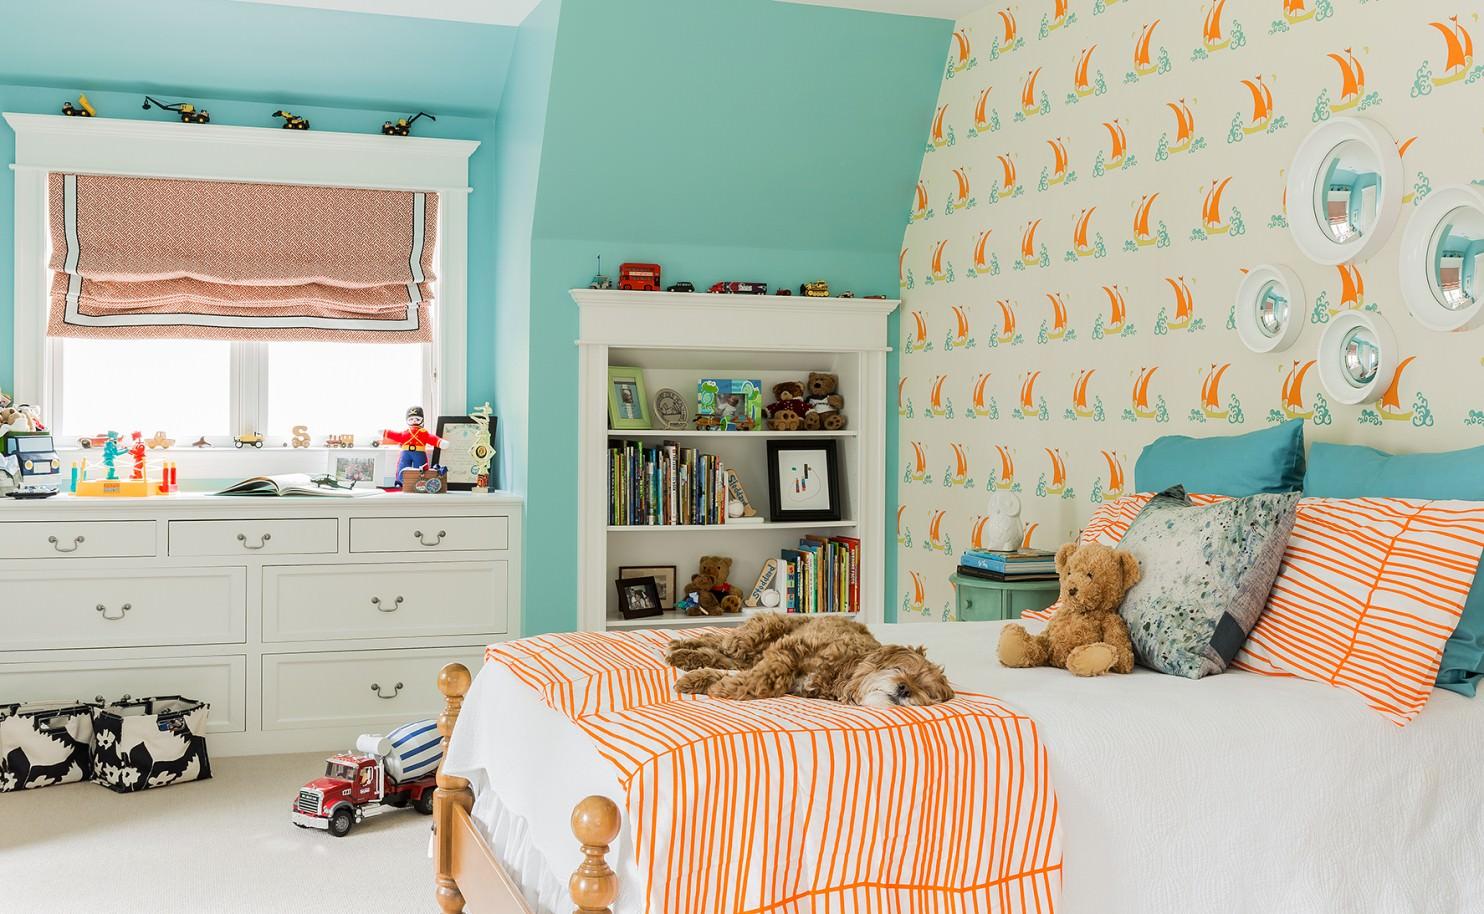 Оранжевый, белый и бирюзовый цвета в интерьере детской спальни